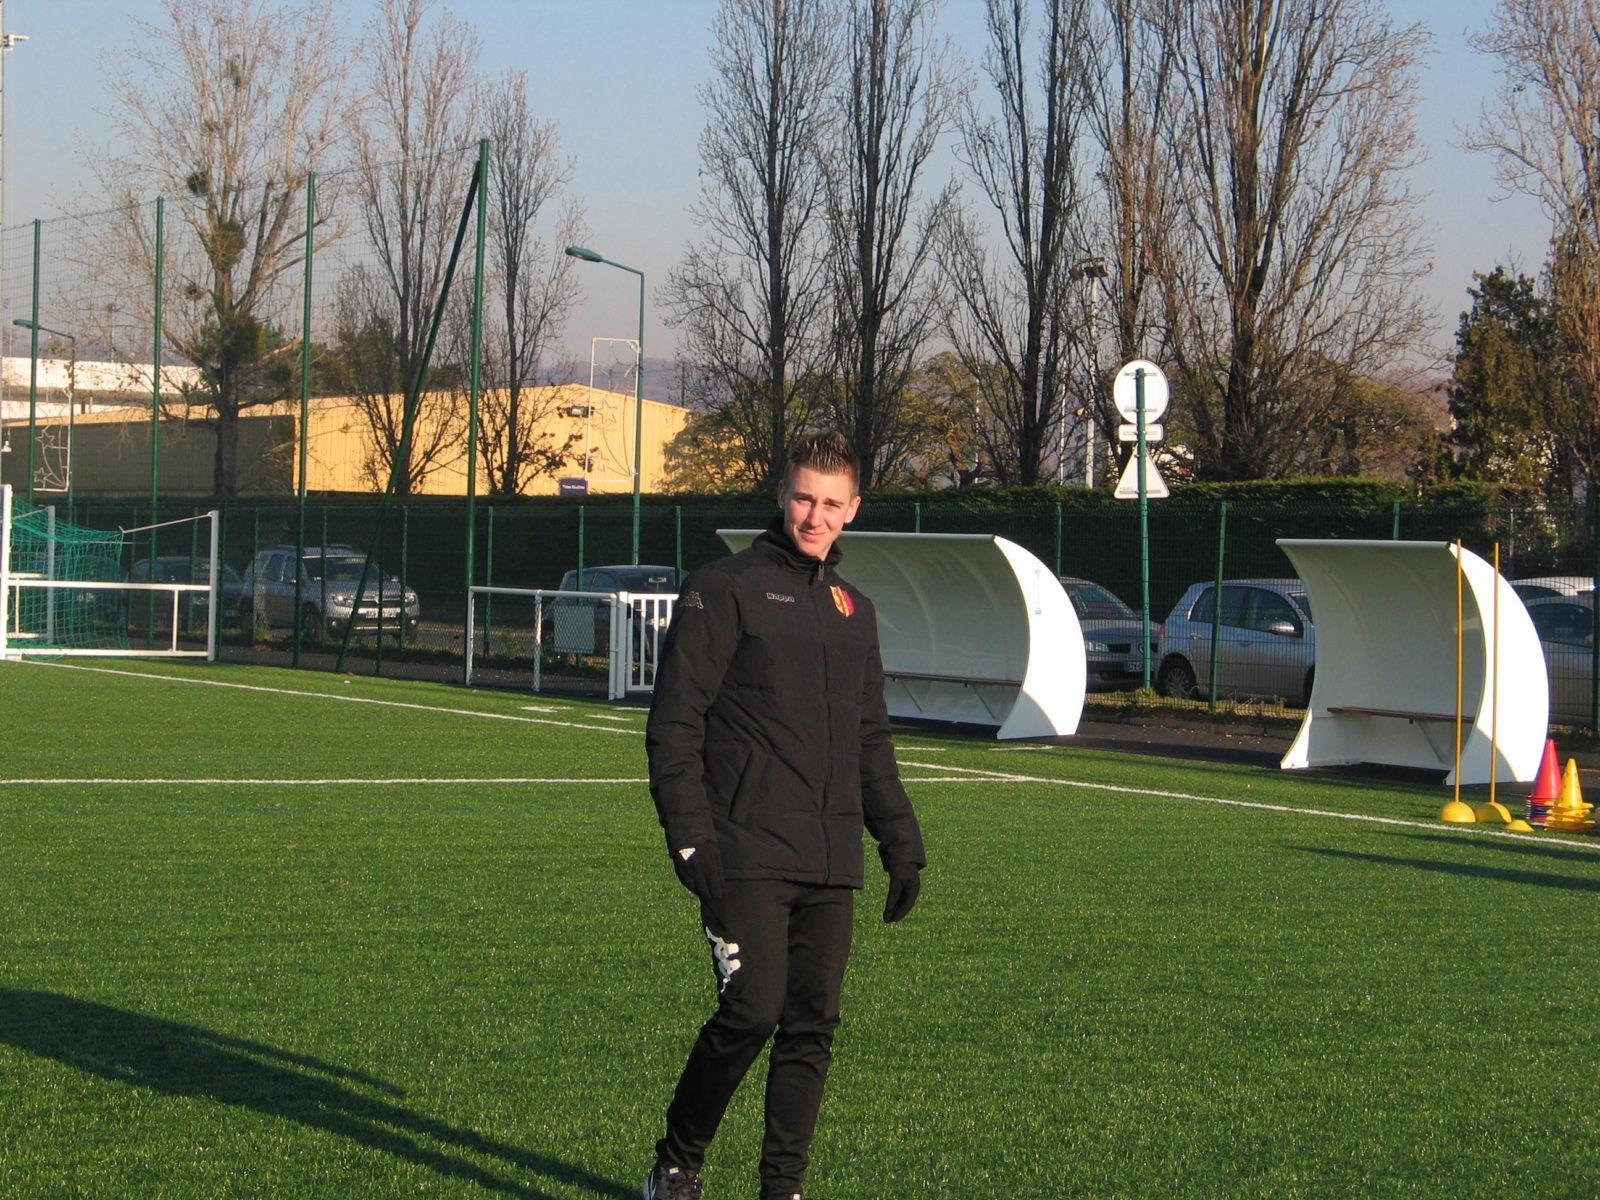 Mantes-la-Jolie (Yvelines) - mercredi 11 décembre 2013 - Le milieu du FC Mantois affronte ce samedi son ancien club, le Paris Saint-Germain (MA/Ab.N)